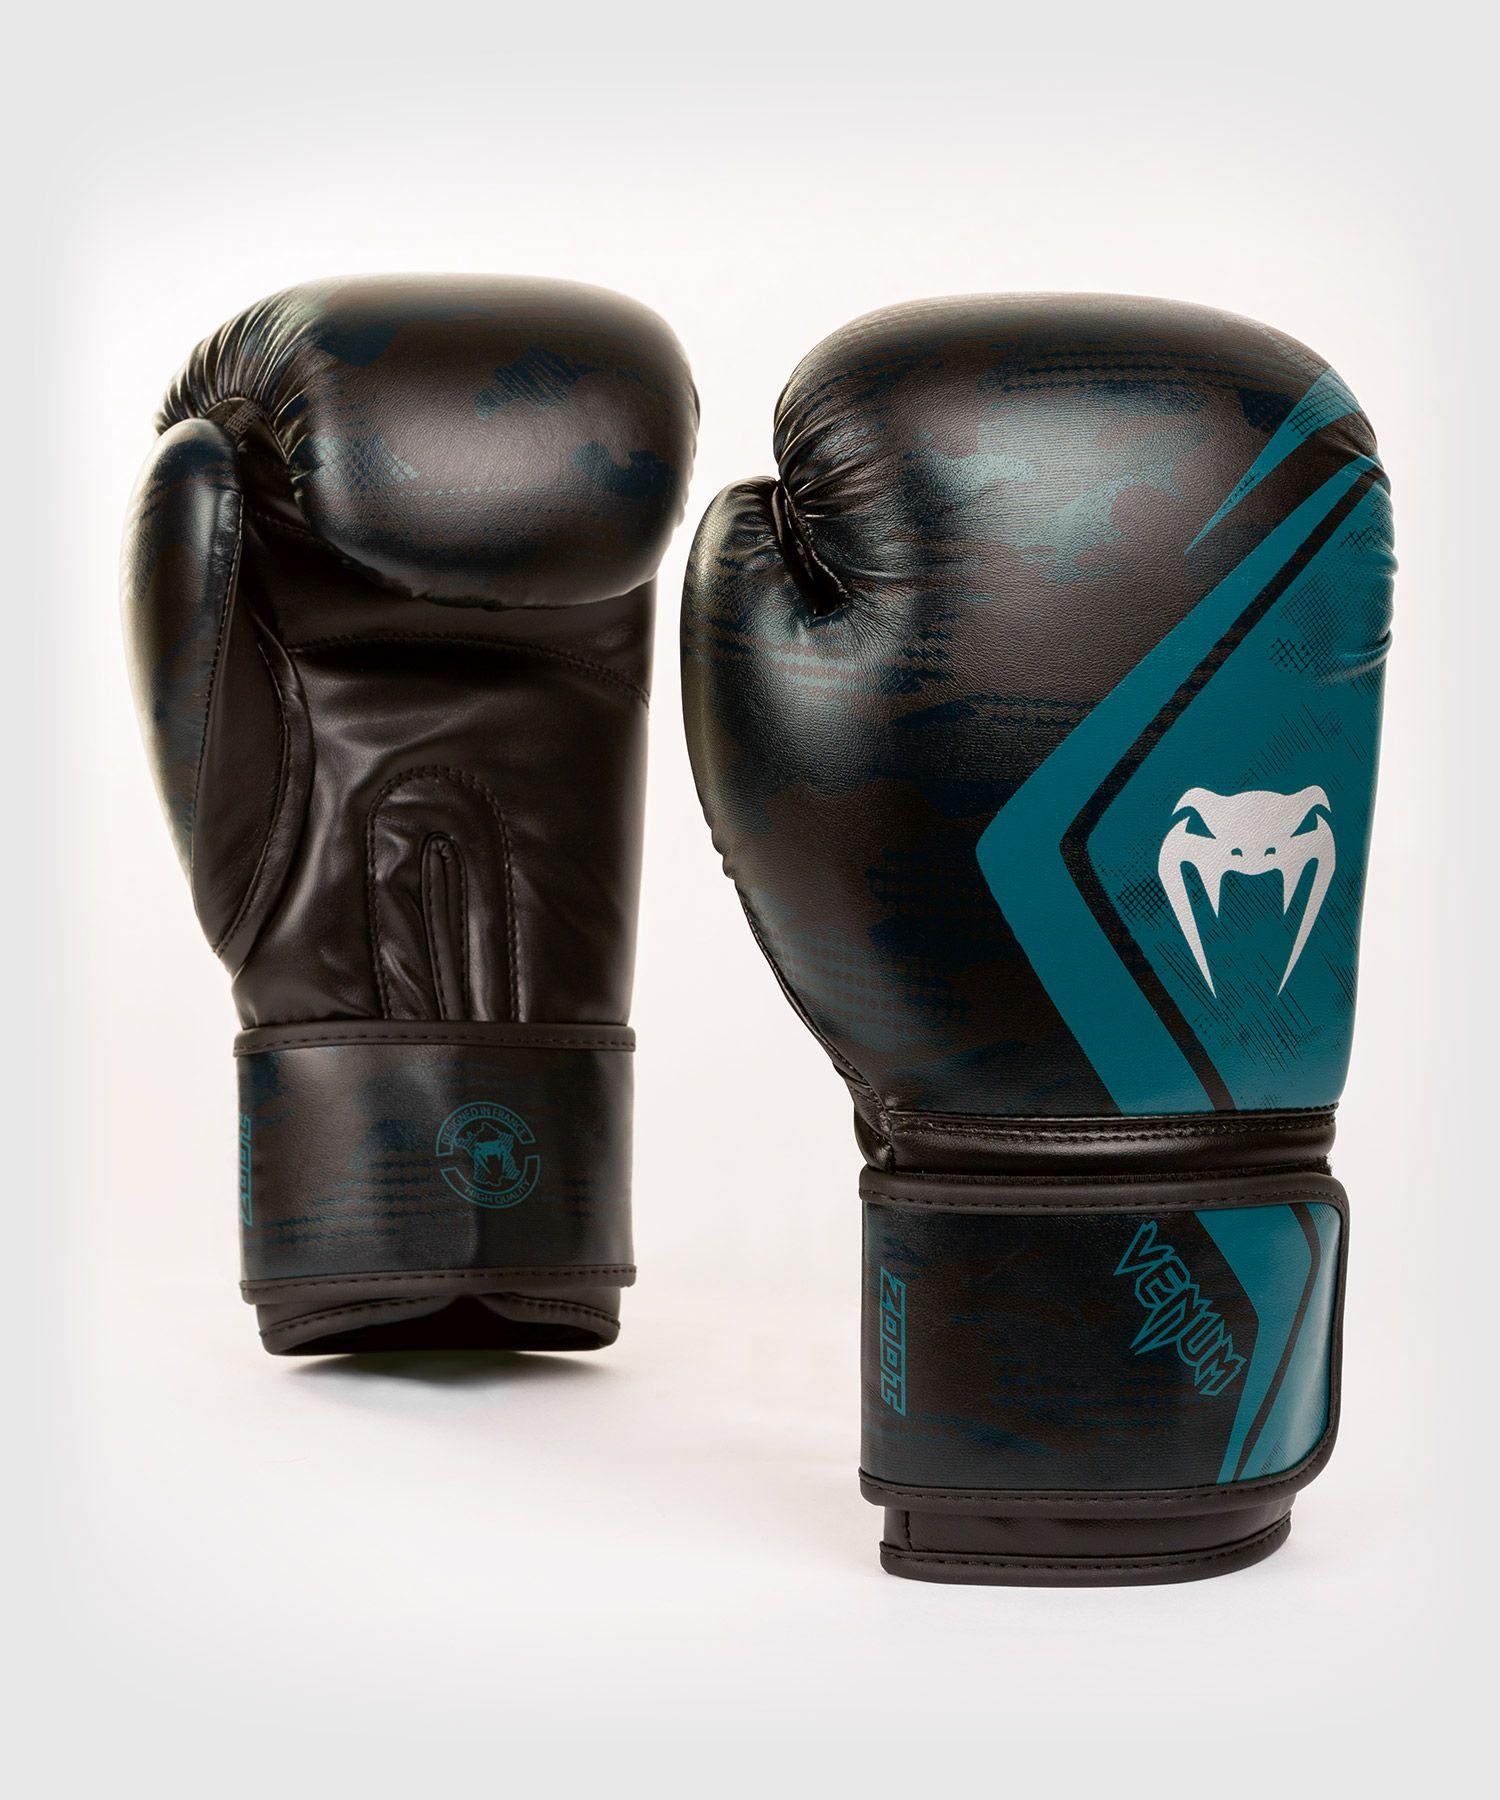 Venum Defender Contender 2.0 Boxing Gloves - Black/Green